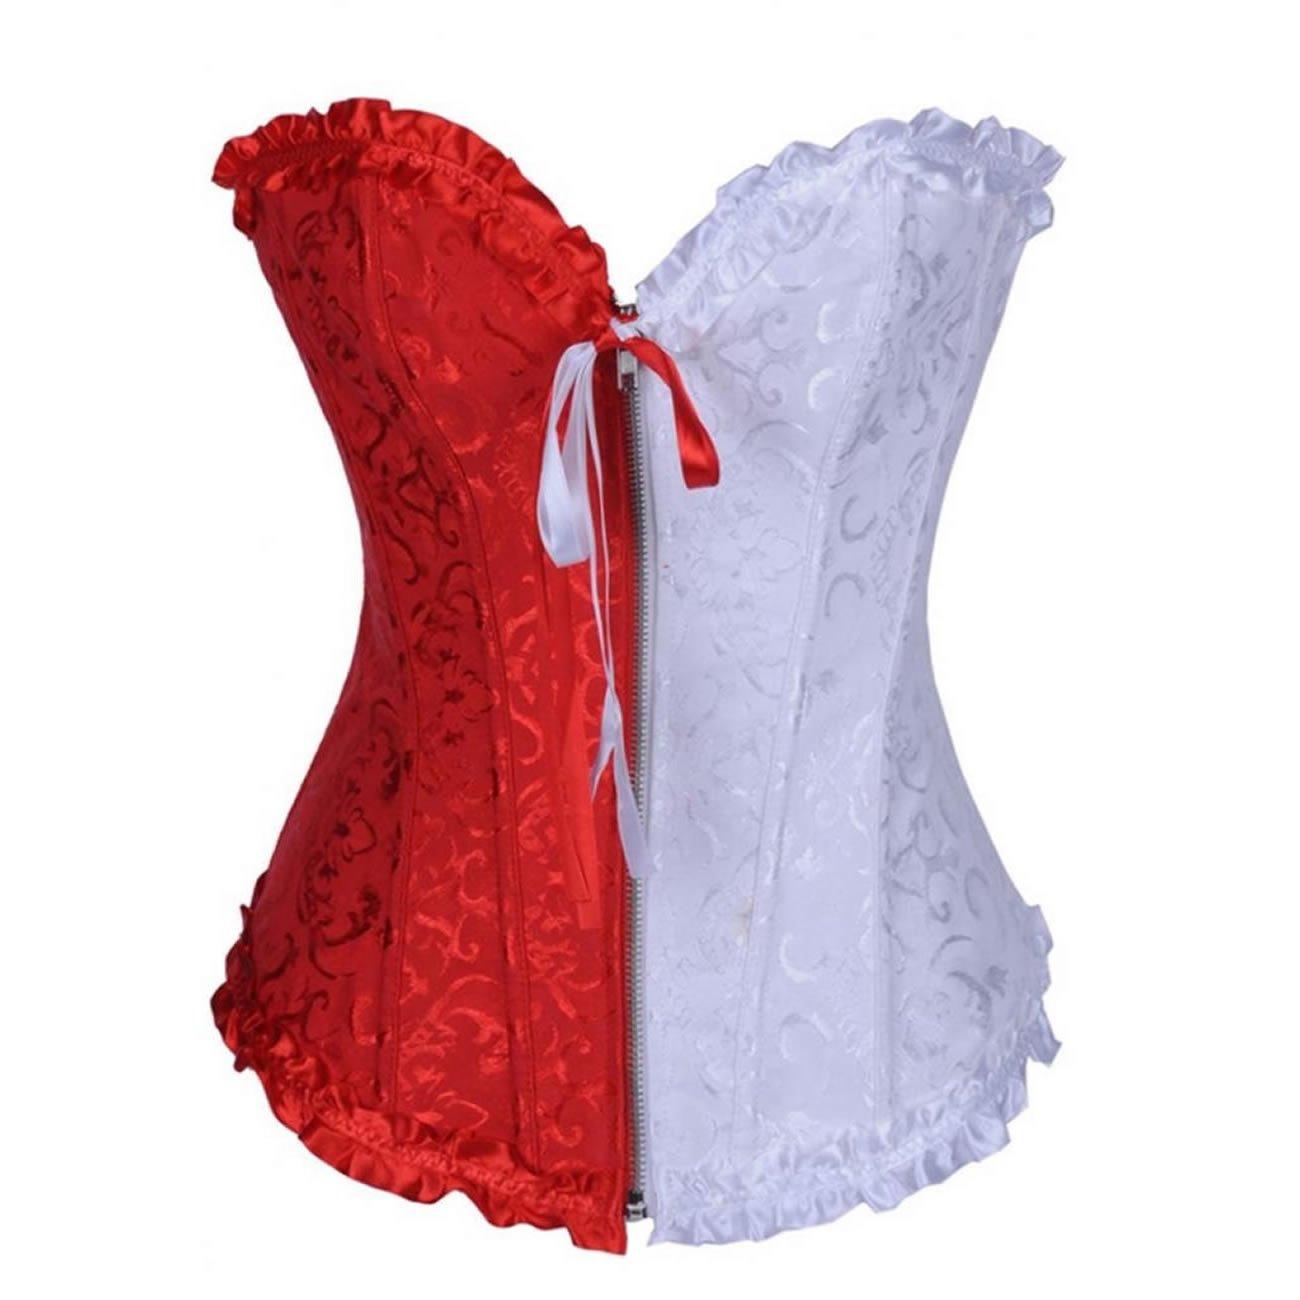 E-girl Tapestry Front Zipper Deman 2018 Klassisch Korsett Corsage mit G-String, Rot Weiß Rot Weiß